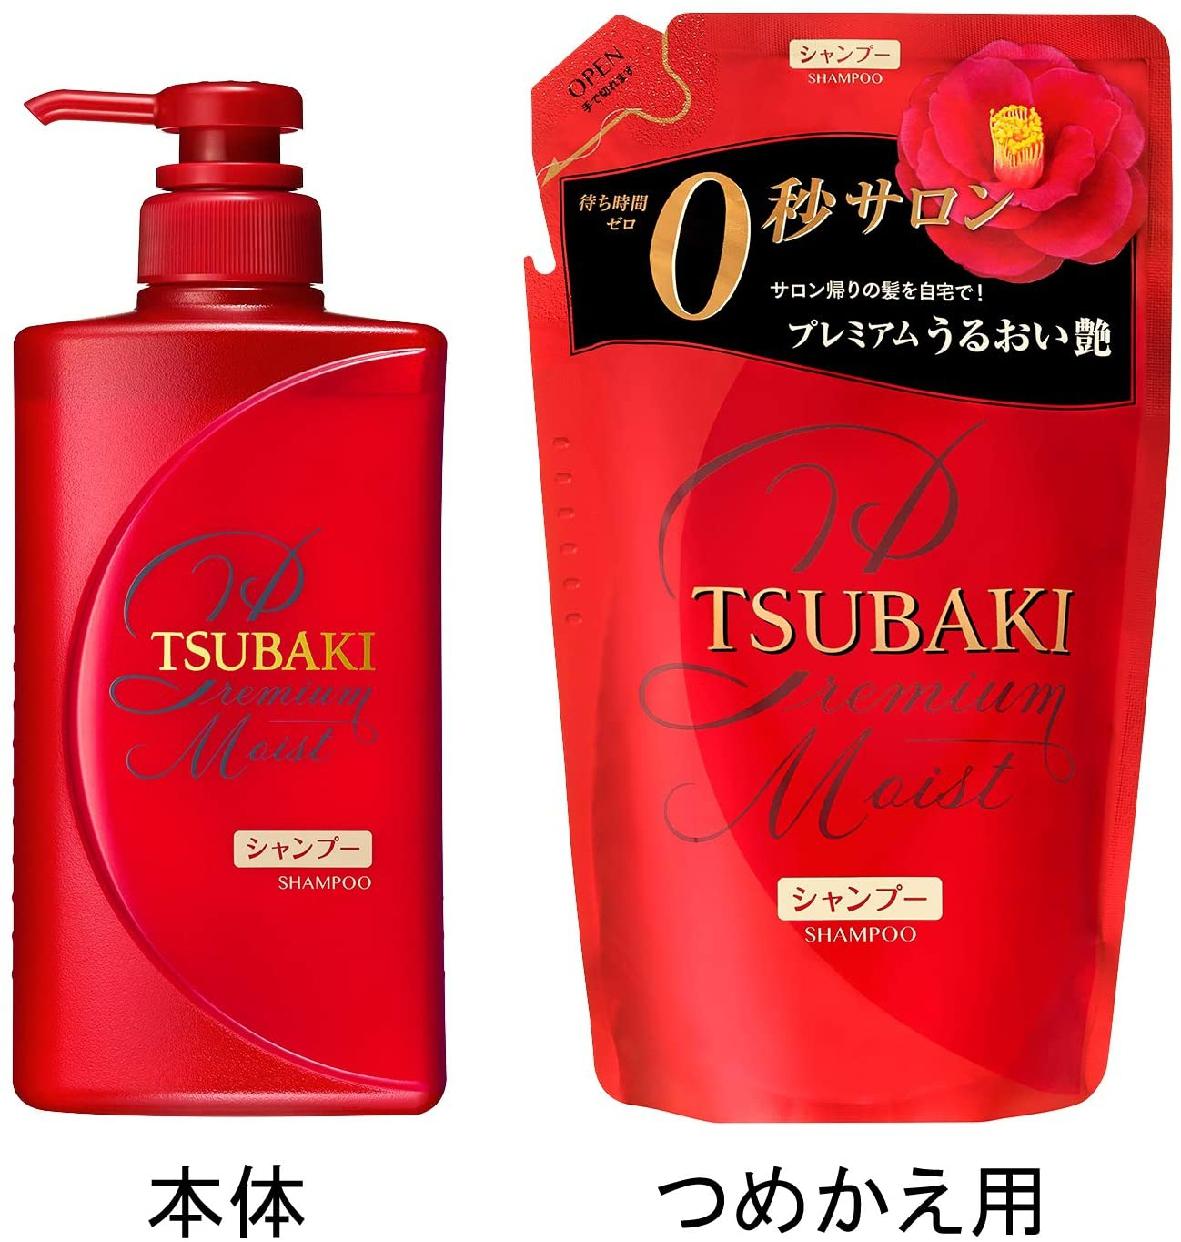 TSUBAKI(ツバキ) プレミアムモイストシャンプーの商品画像6